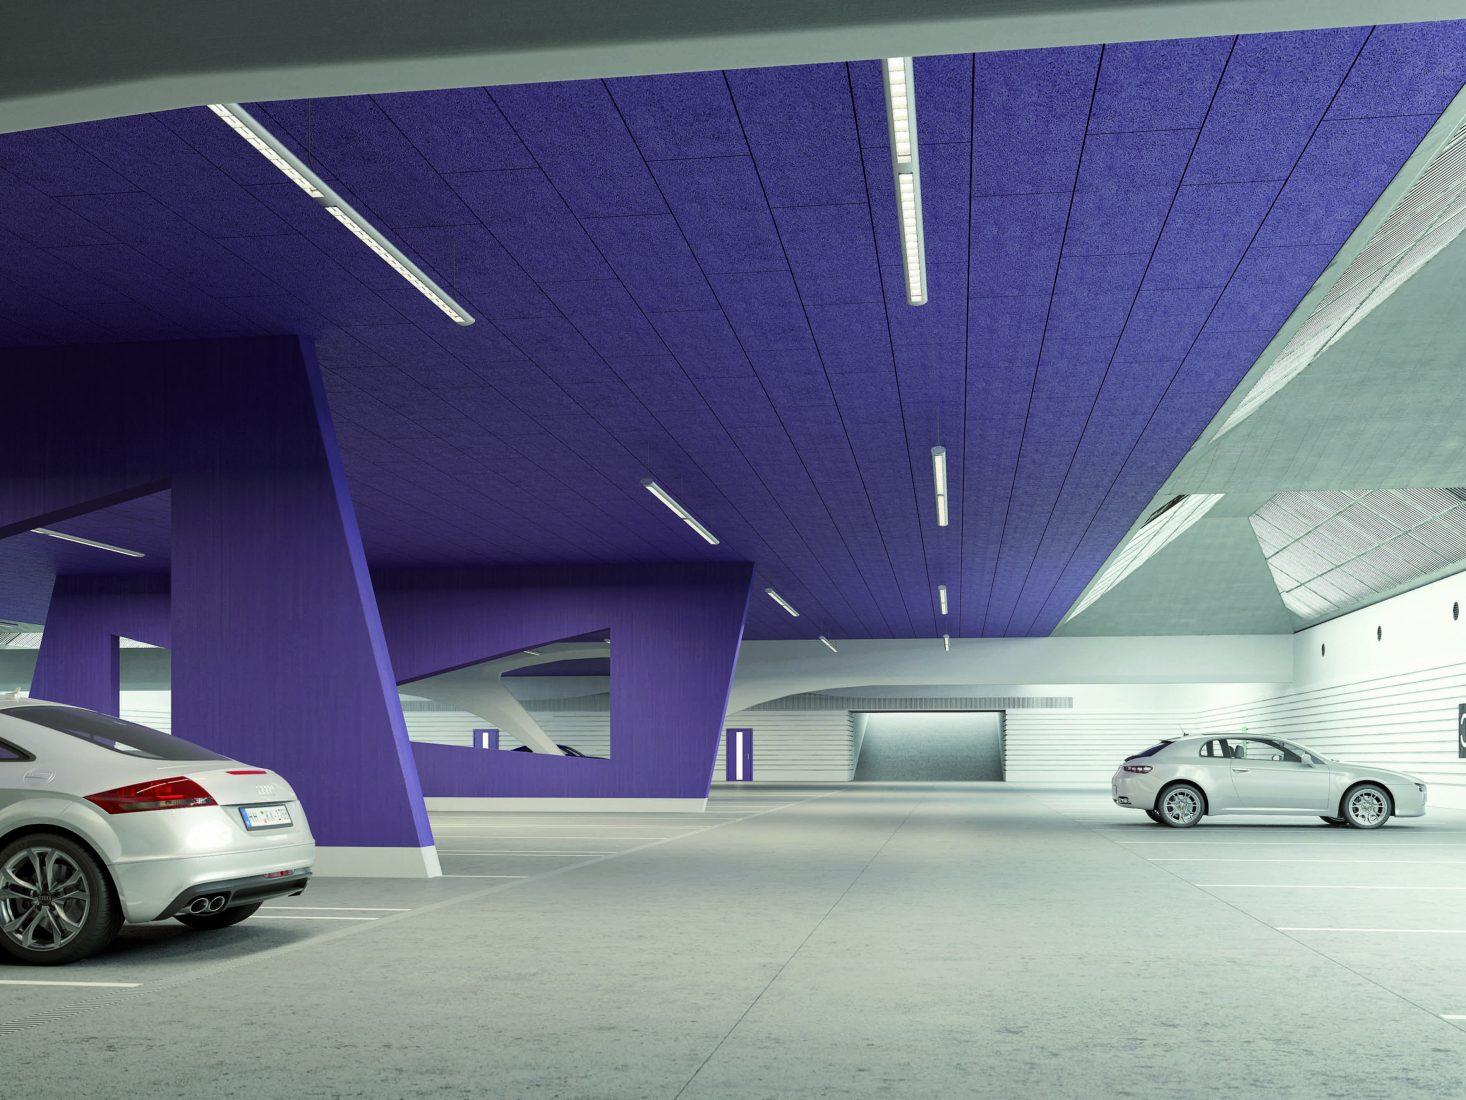 Tiefgaragen-Klassiker: Mehrschichtplatten mit (violett eingefärbter) Holzwolle-Deckschicht. Foto: Knauf Insulation